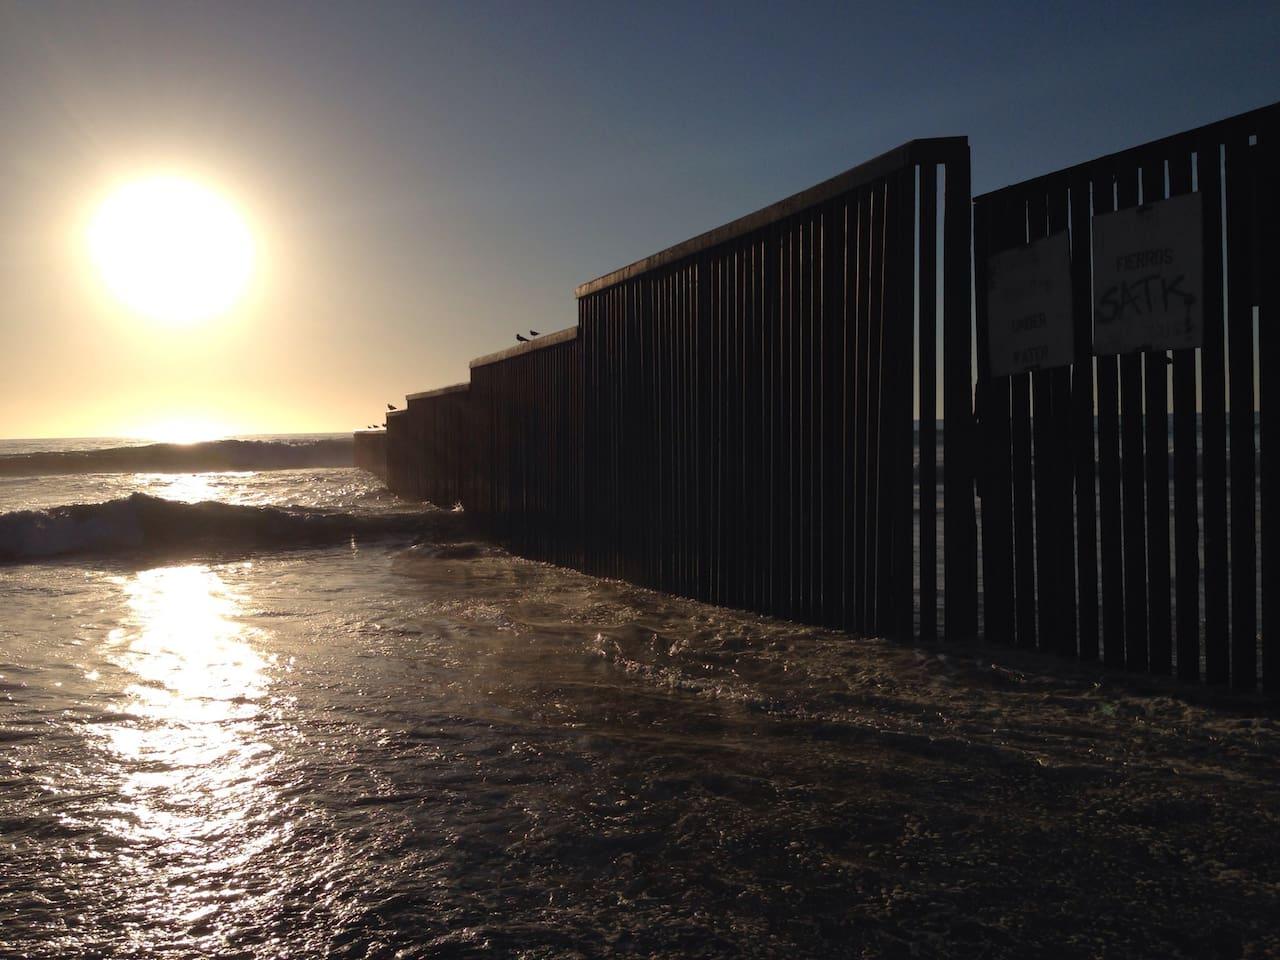 El estudio no cuenta con vista al mar, pero se encuentra ubicado a tan solo unas escaleras de distancia con la Playa!